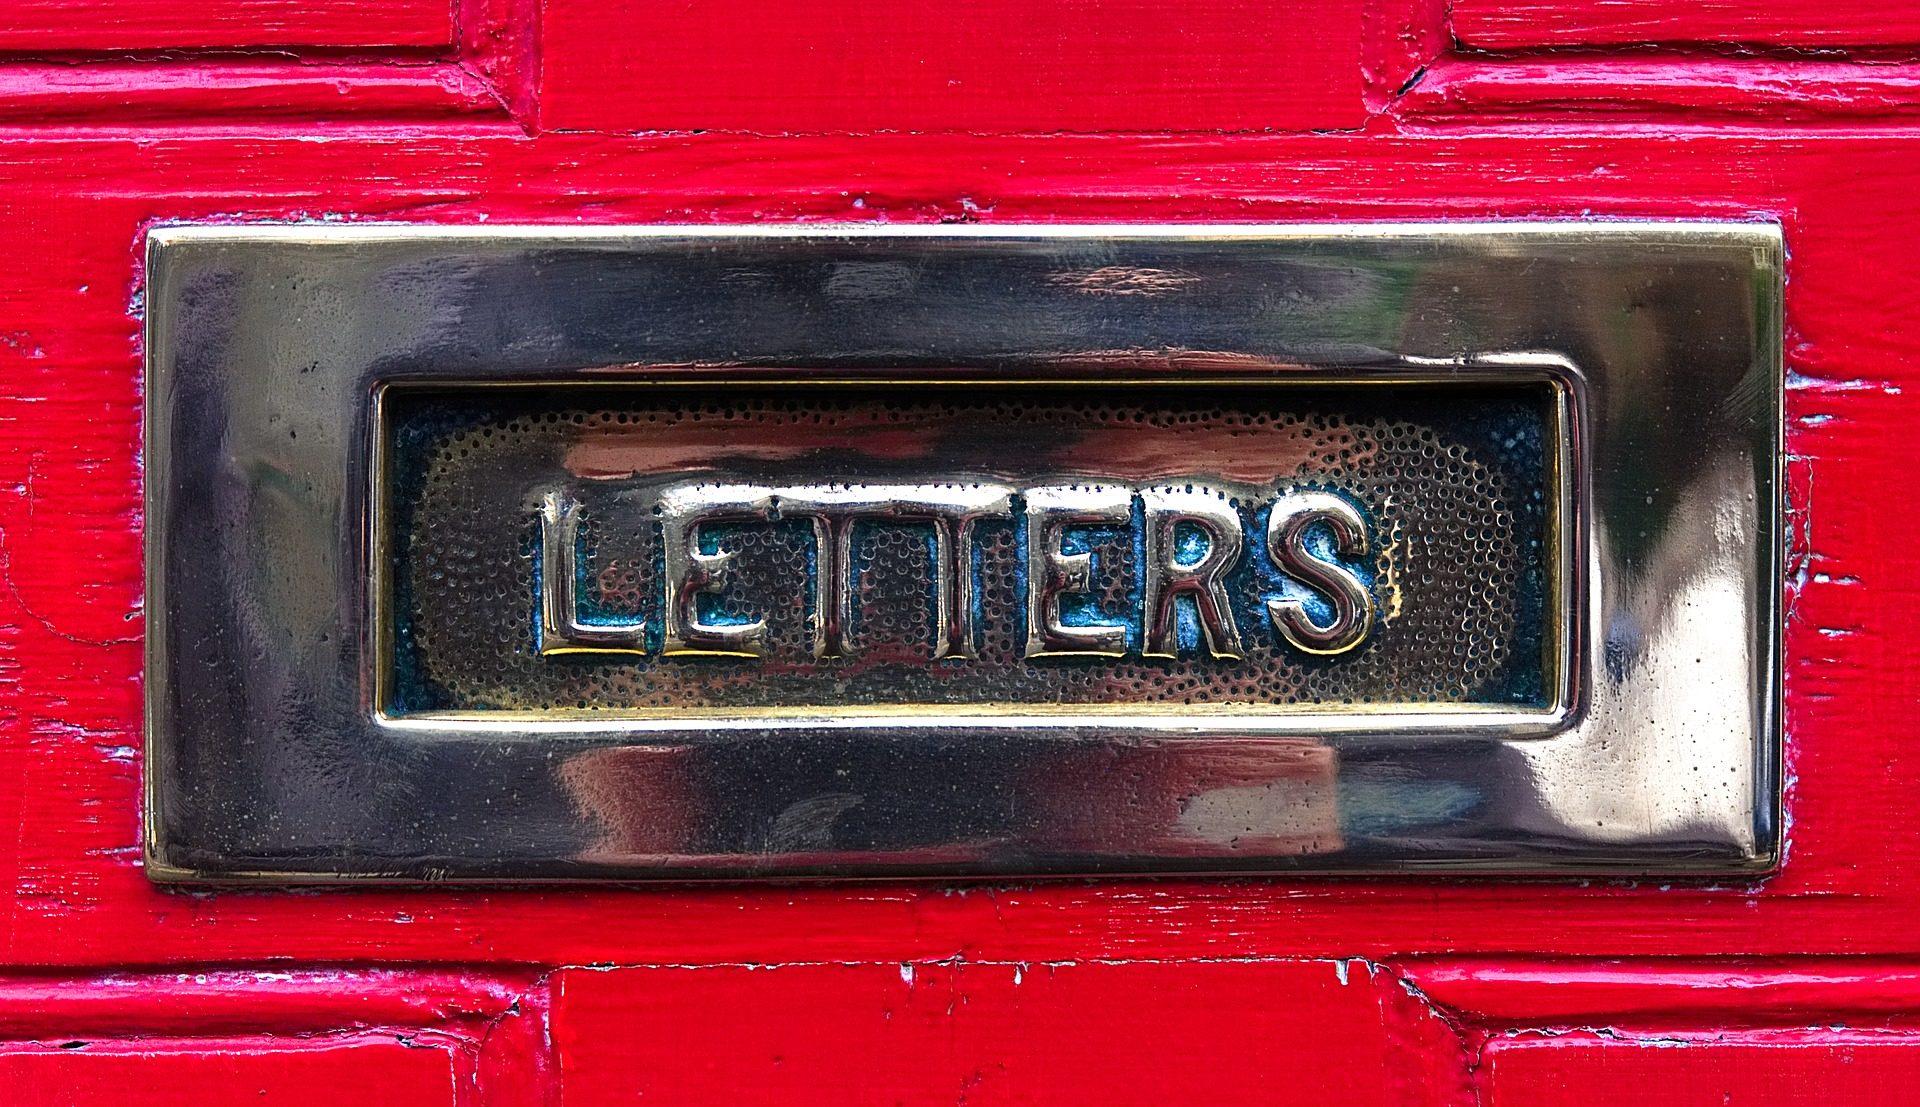 علبة البريد, الباب, الخشب, رسائل, كلمات الأغاني, المعادن الفلزية - خلفيات عالية الدقة - أستاذ falken.com